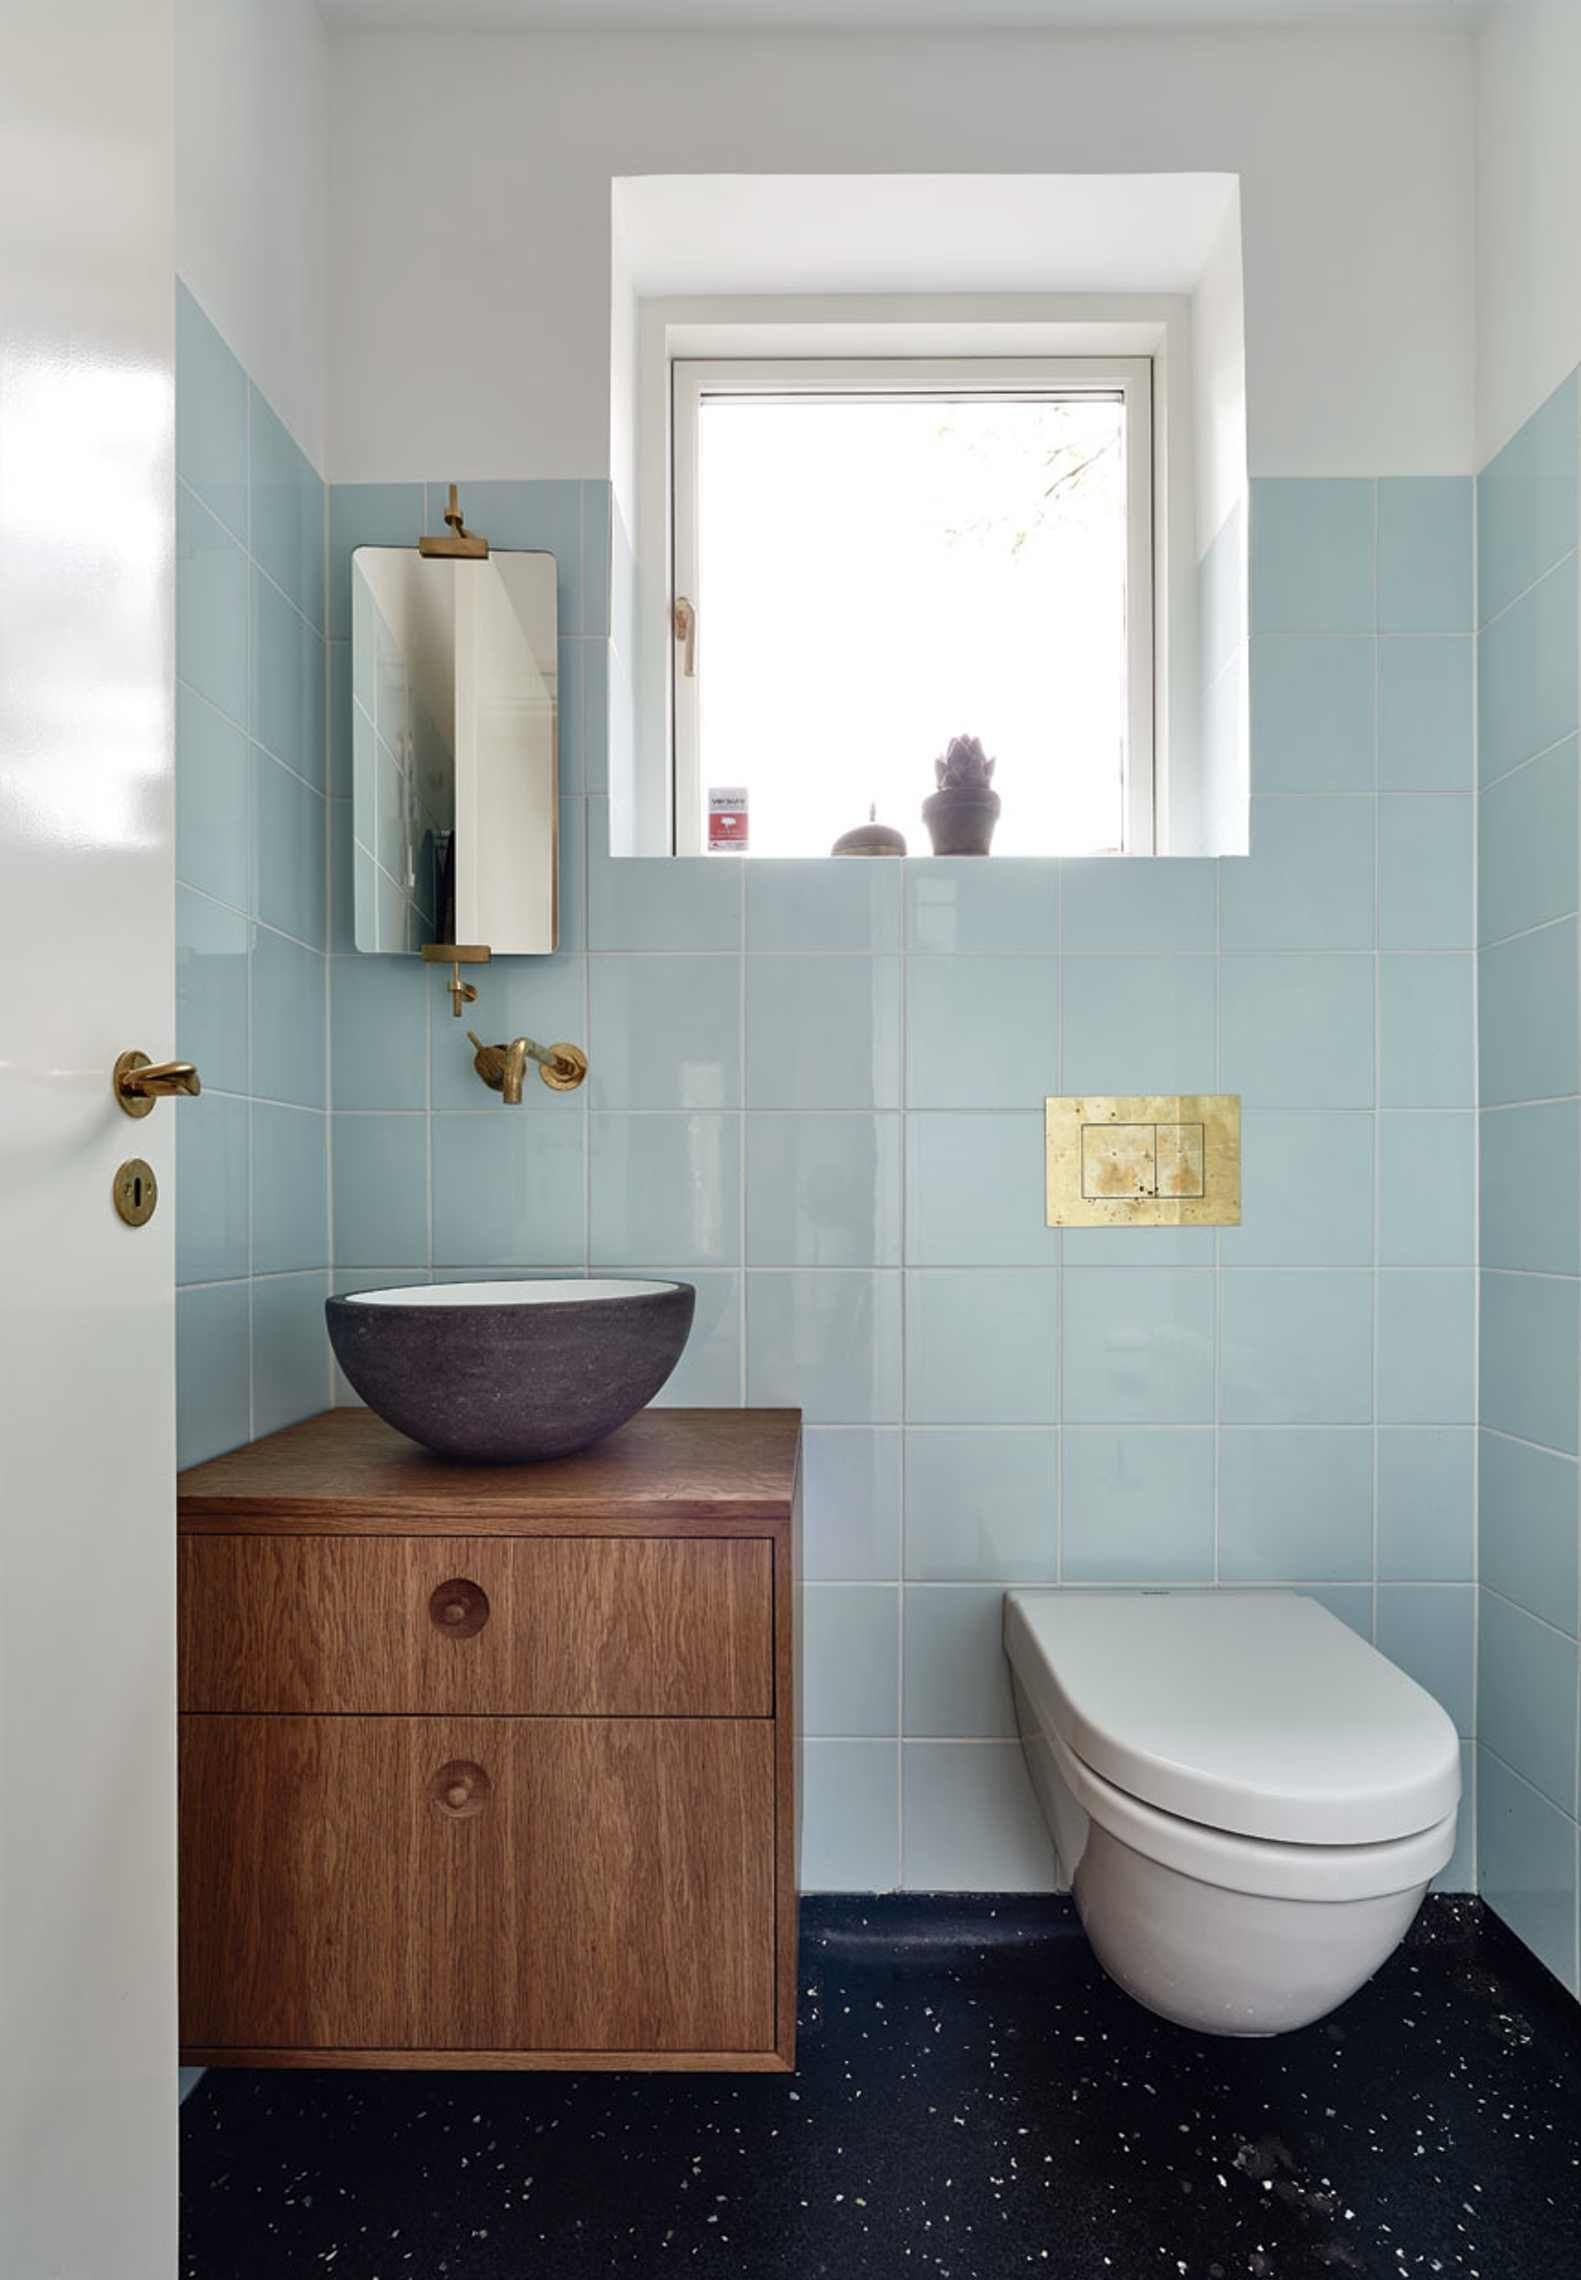 Skarptskåret funkishus fra 1930\'erne | Bathroom inspiration ...